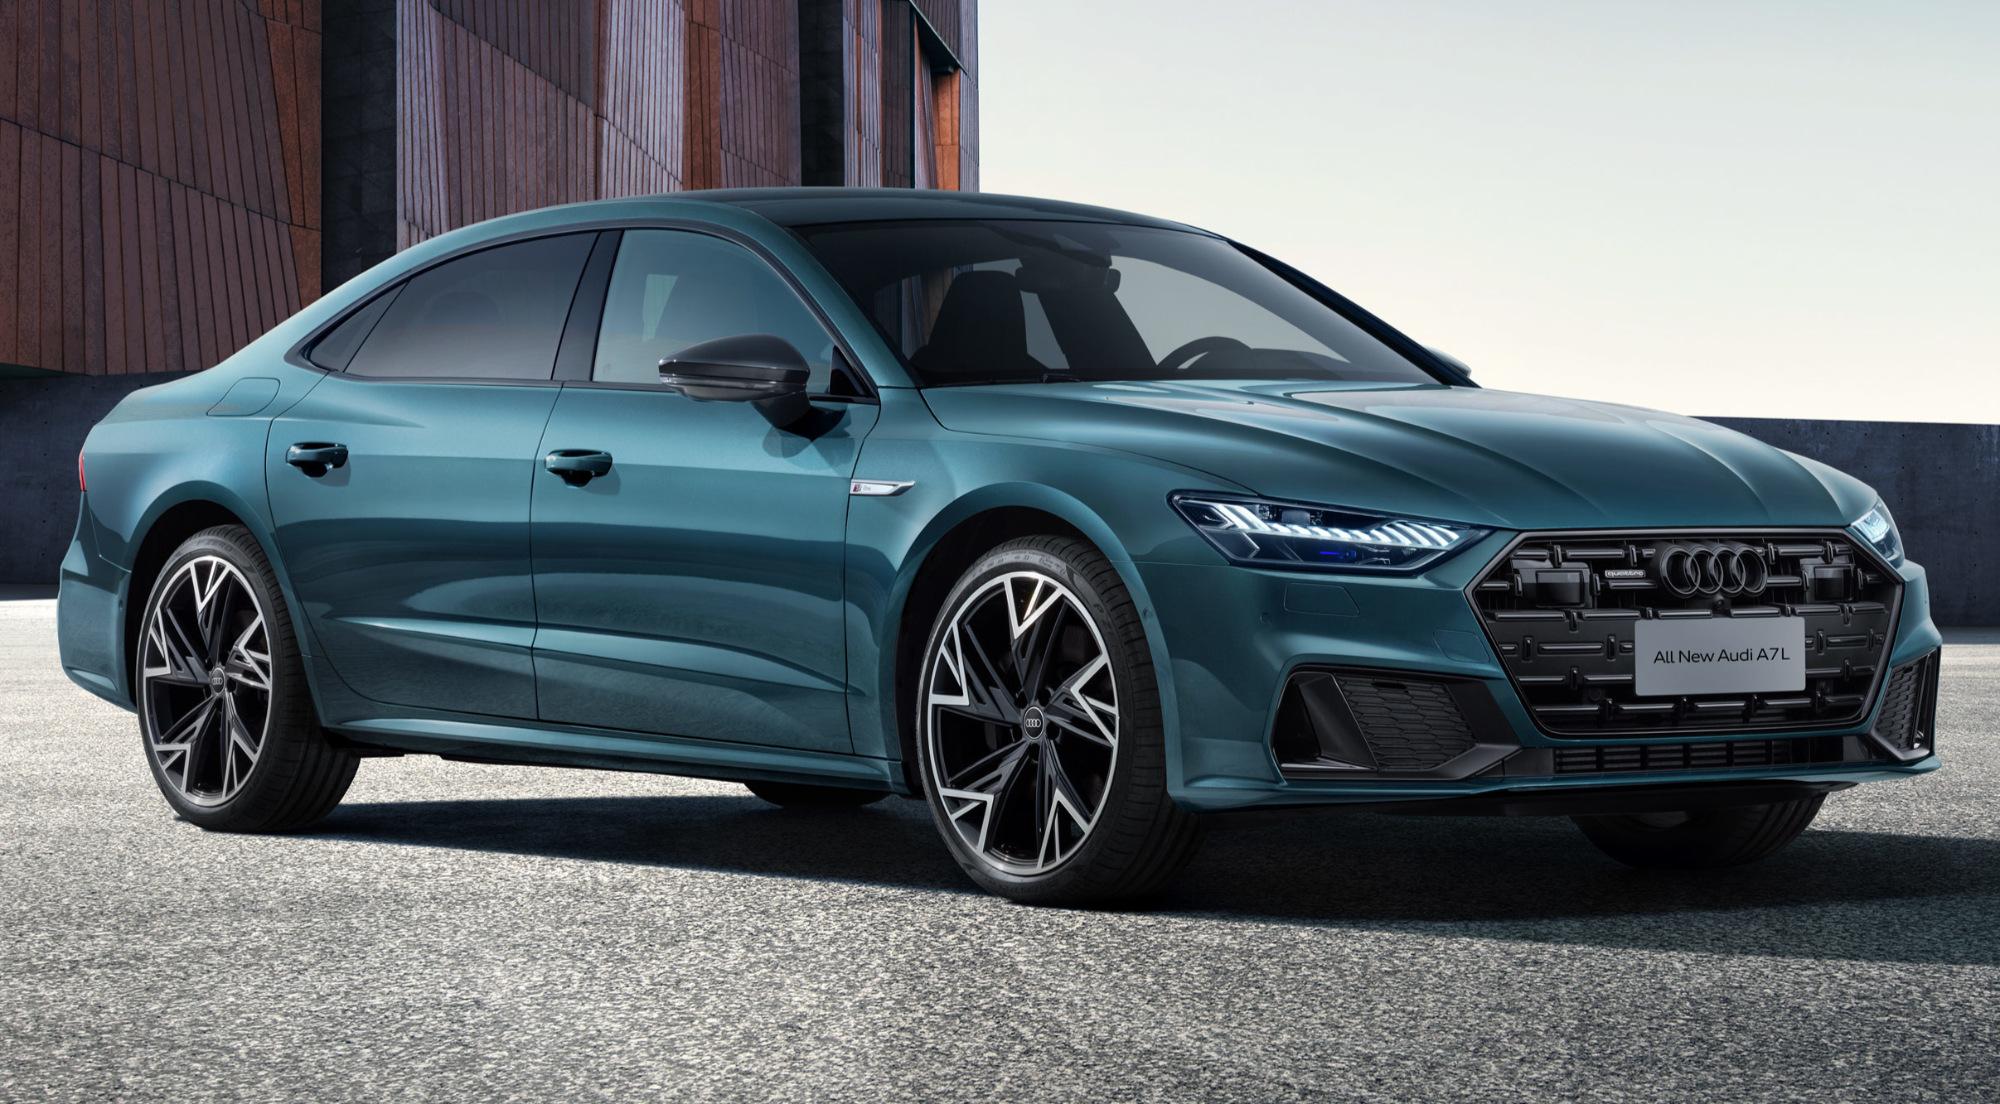 Mesmo no mercado de luxo há diferentes patamares. O Audi A7L, por exemplo, foca na base desse nicho